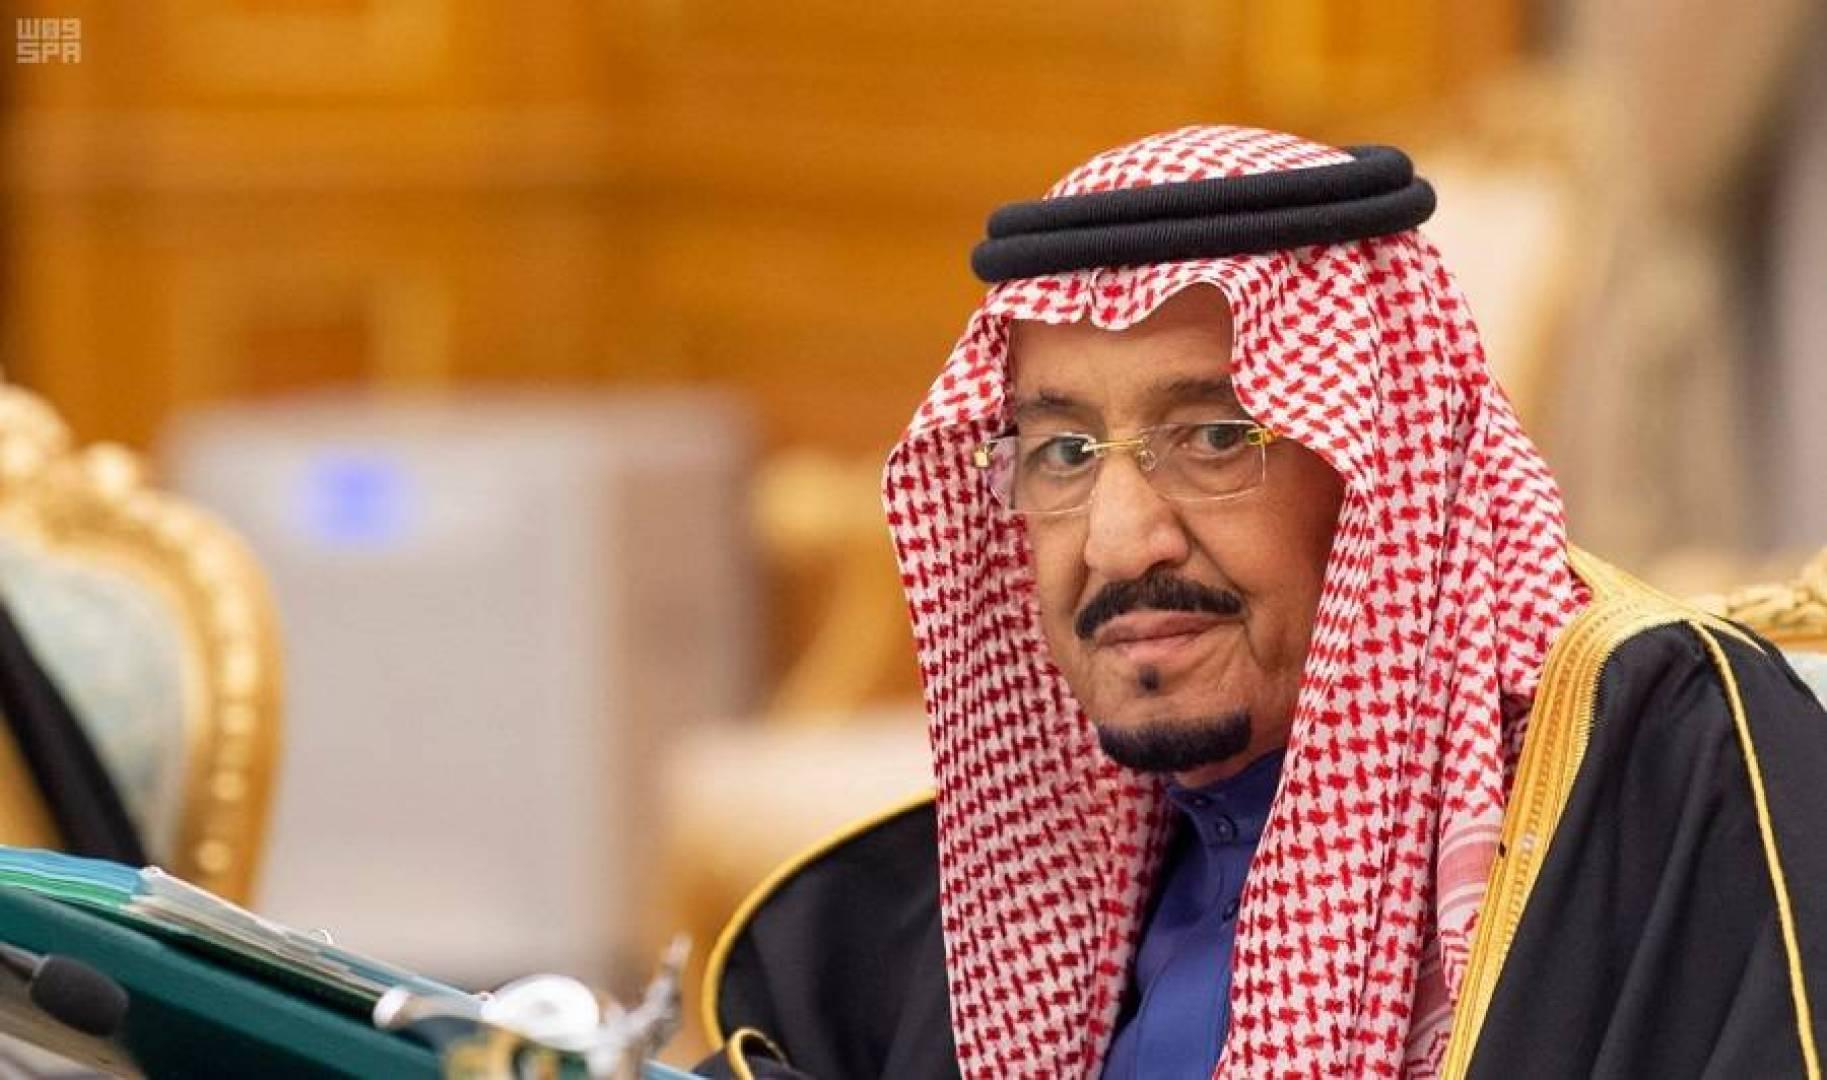 الملك سلمان يوجه الأجهزة الأمنية السعودية للتعاون في كشف ملابسات هجوم فلوريدا